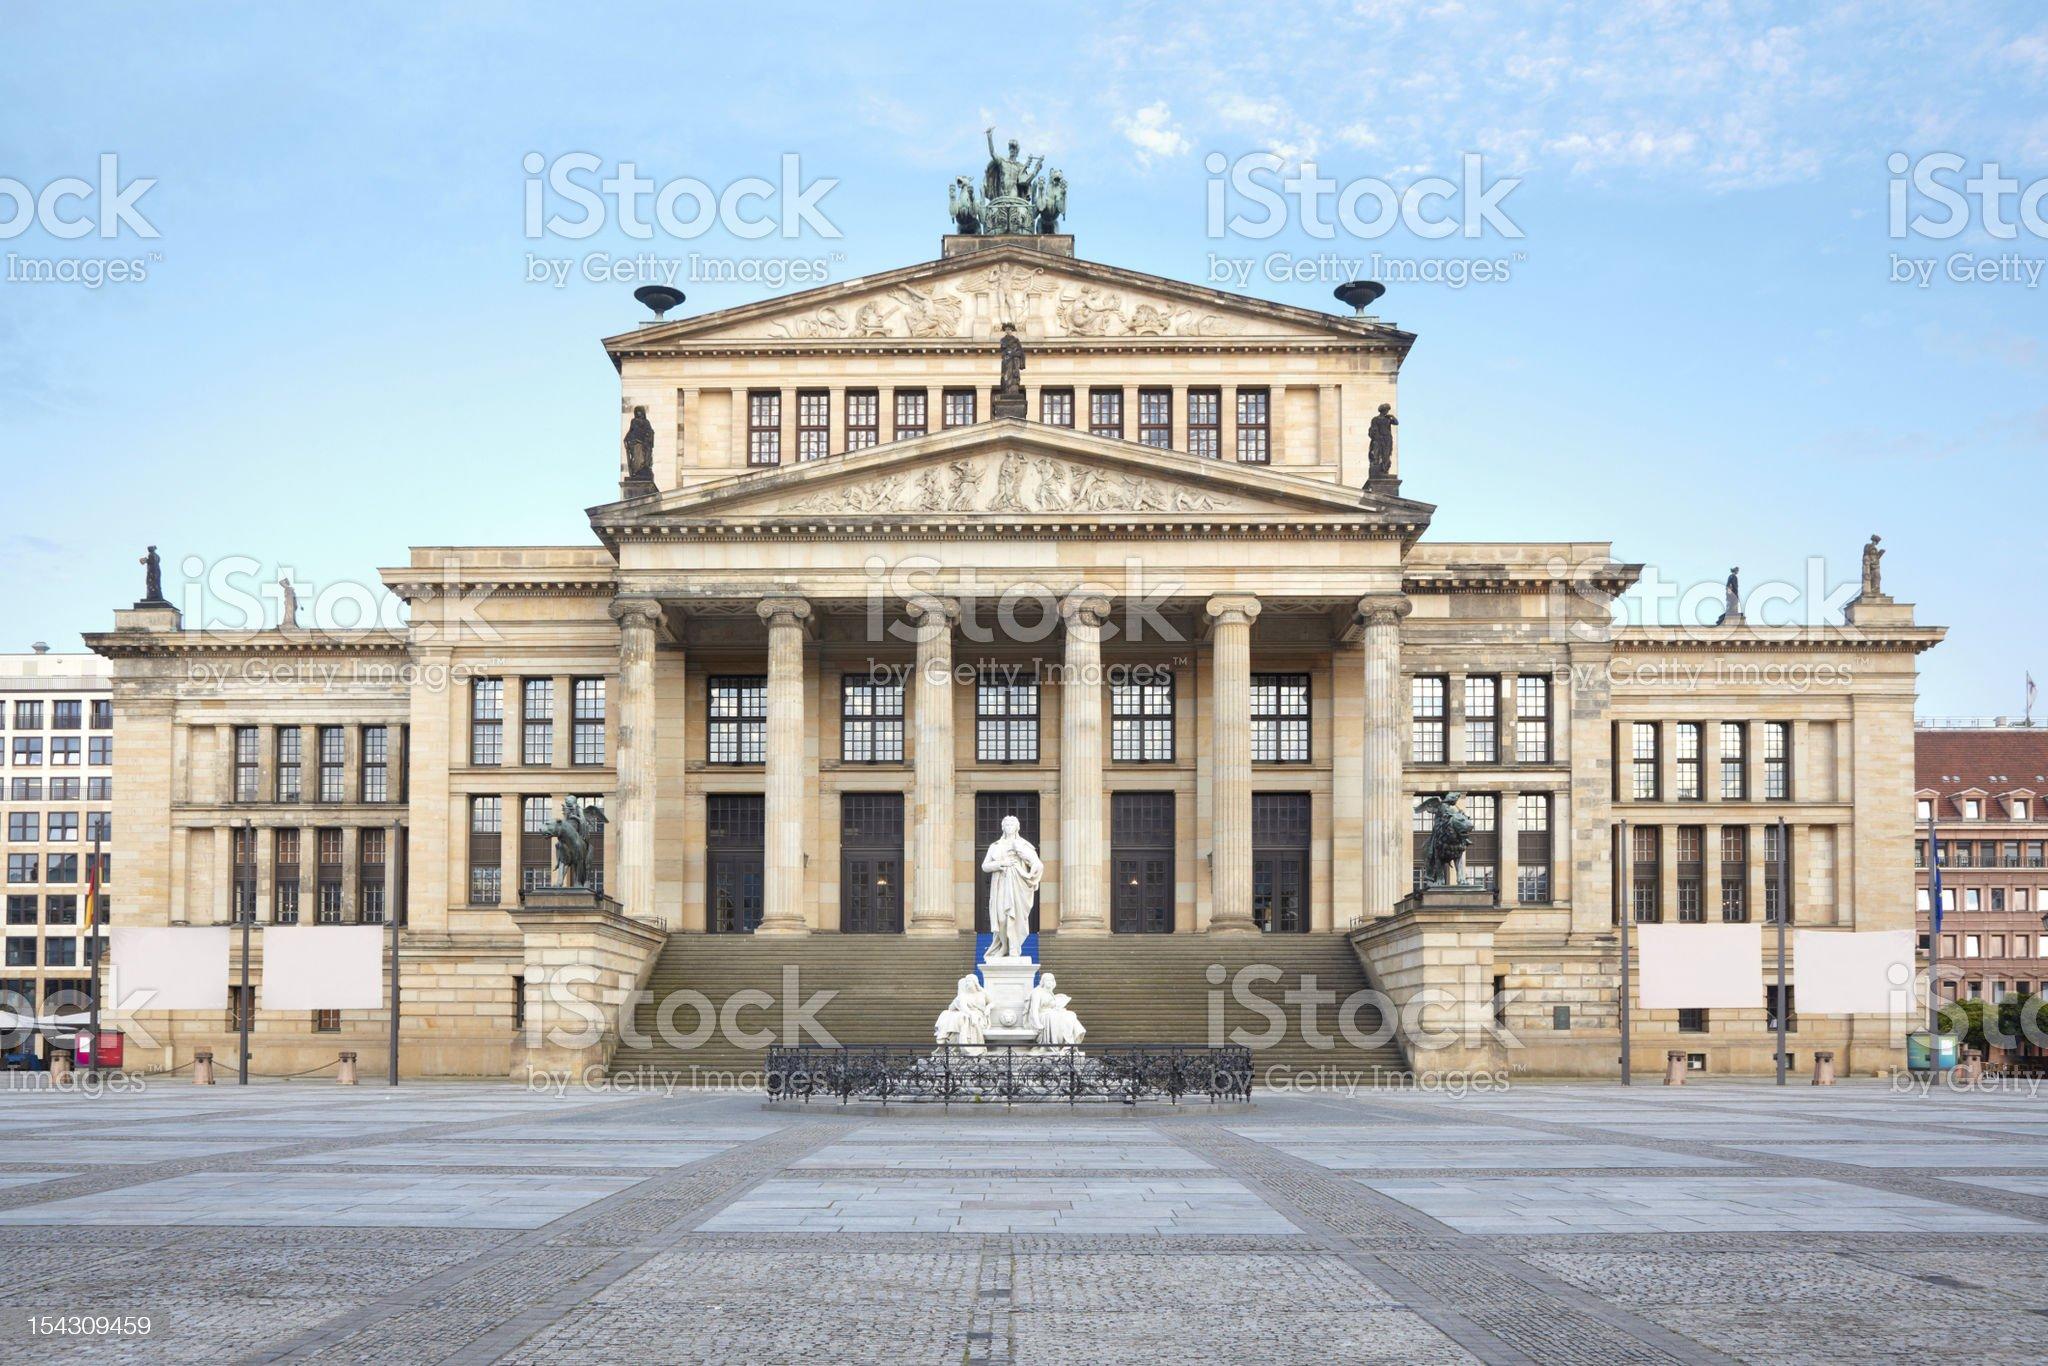 Concert hall in Gendarmenmarkt, Berlin royalty-free stock photo